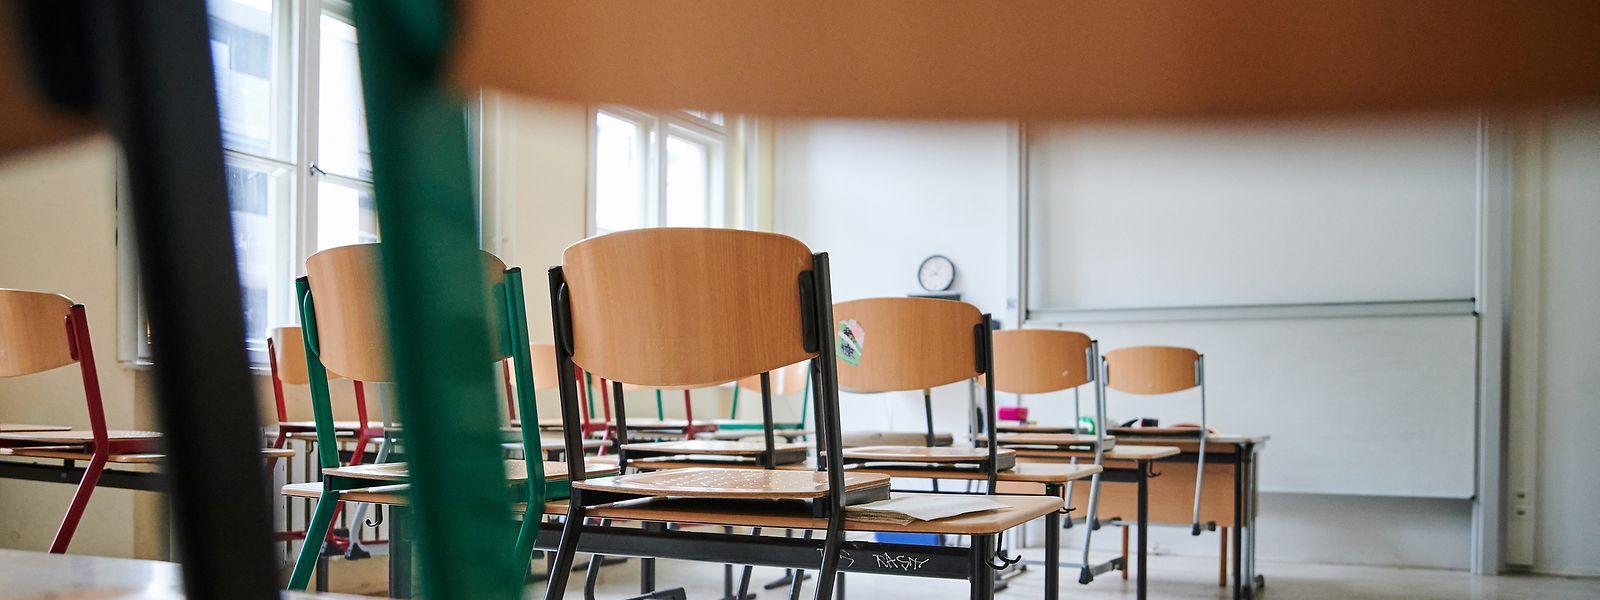 Die sanitären Maßnahmen im Schulbereich haben keine direkte gesetzliche Basis. Das gilt zum Beispiel für die Schließung von Schulen.